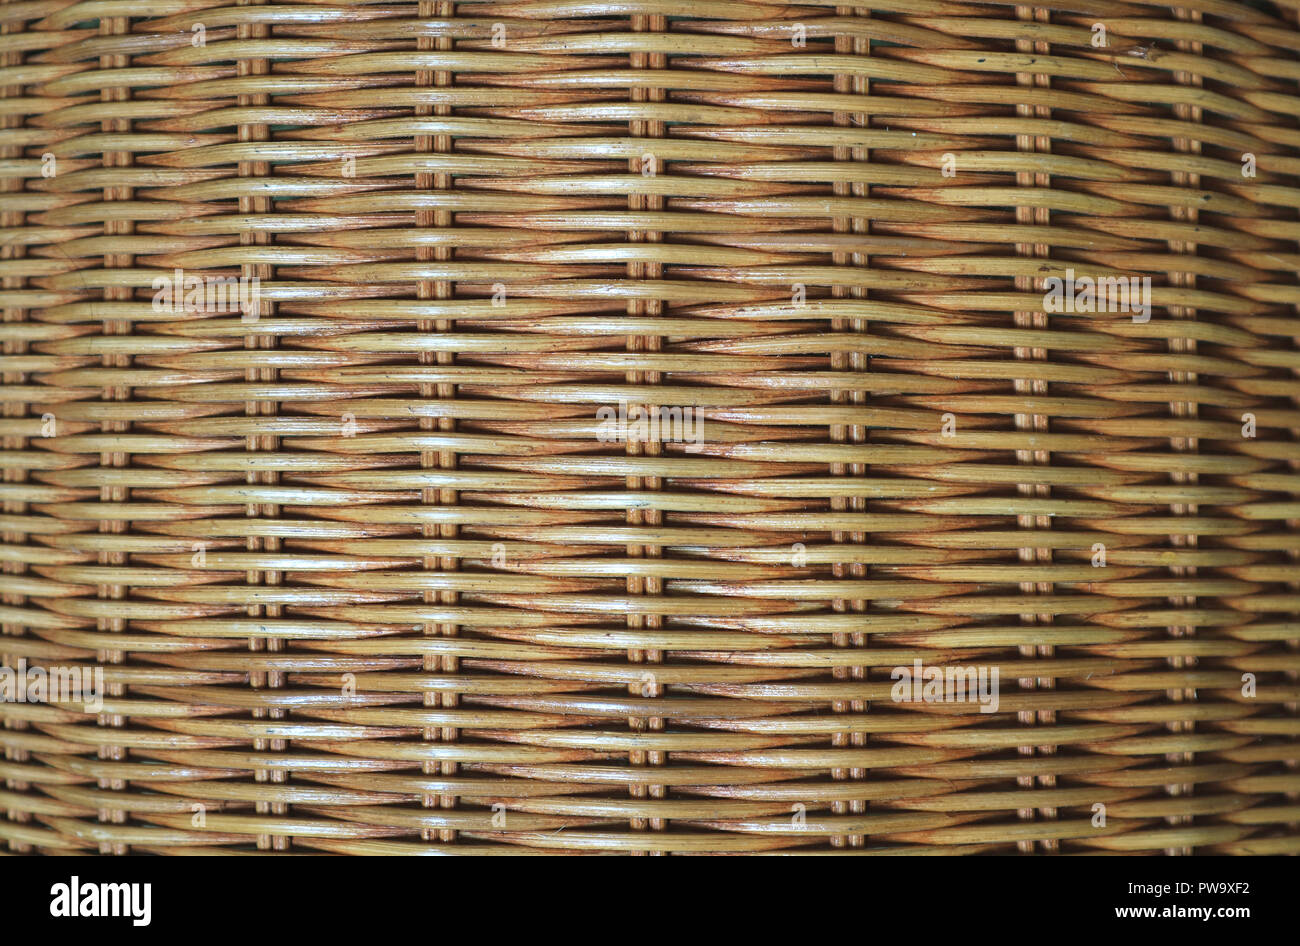 Mobili In Rattan Naturale.Vista Frontale Del Marrone Naturale Mobili In Rattan Di Superficie